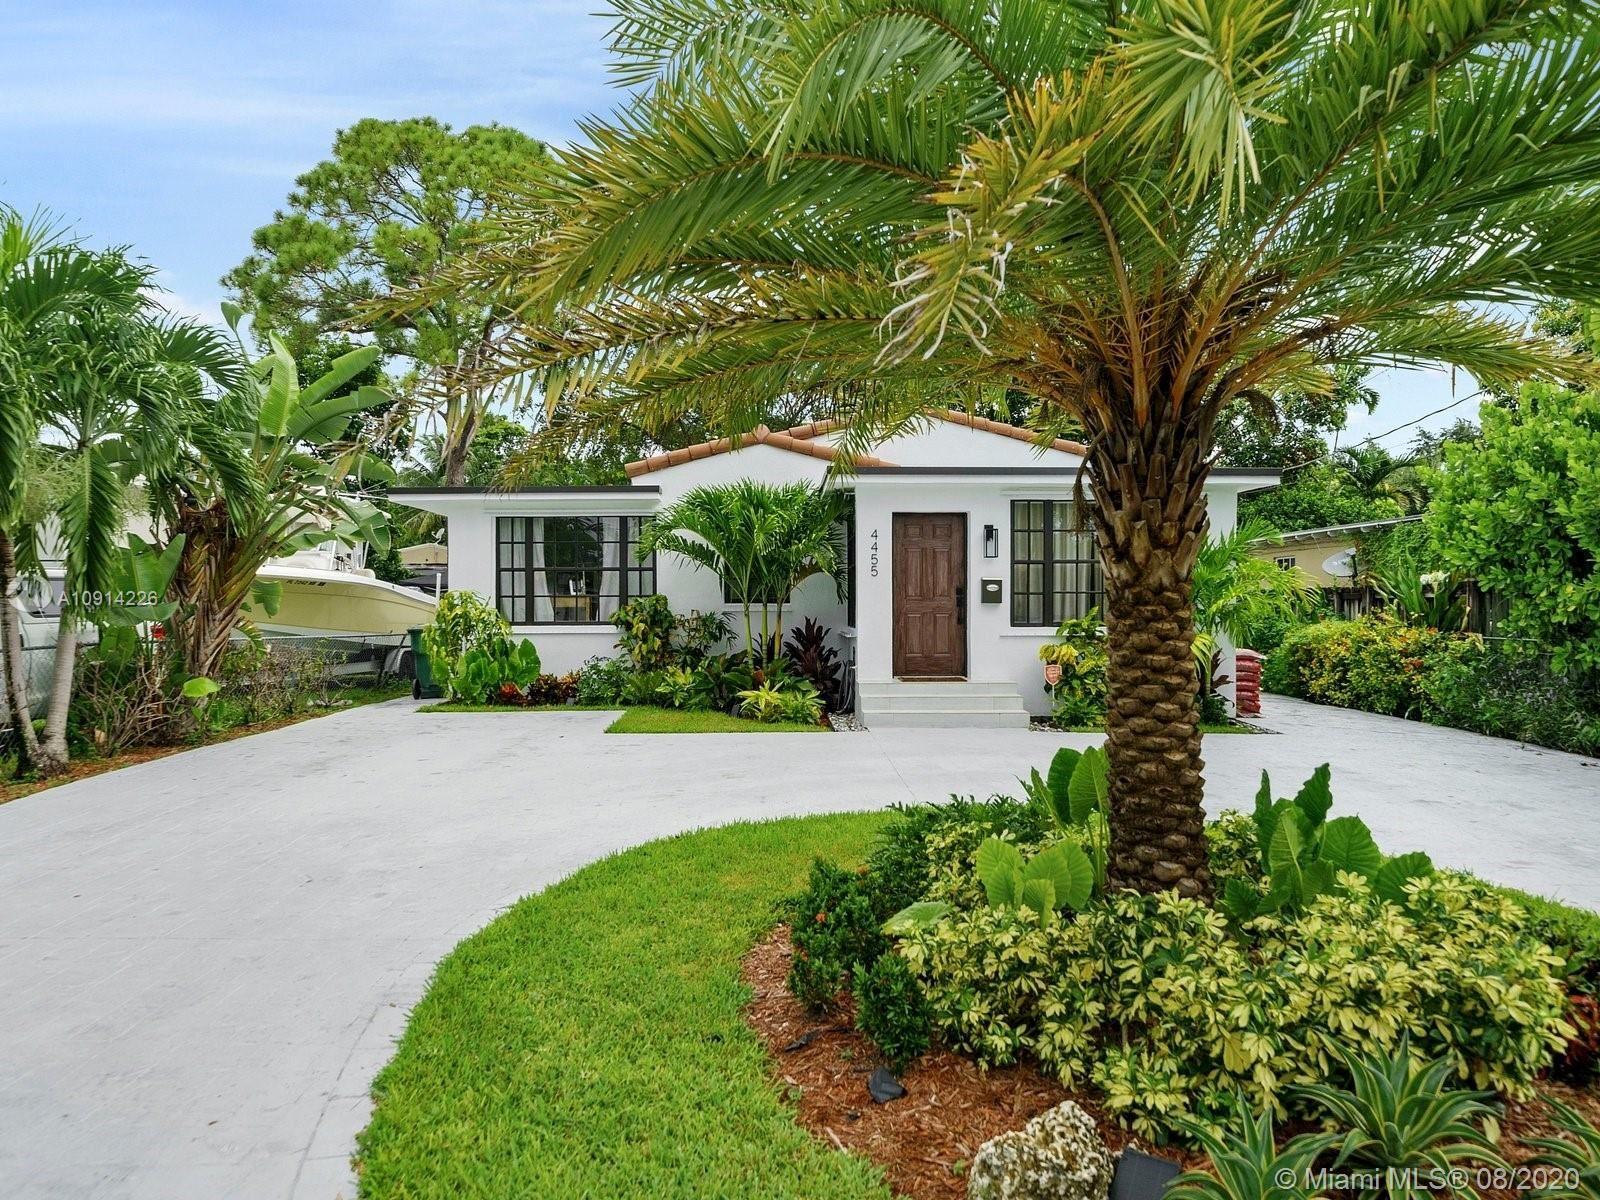 4455 SW 10 St, Miami, FL 33134 - #: A10914226